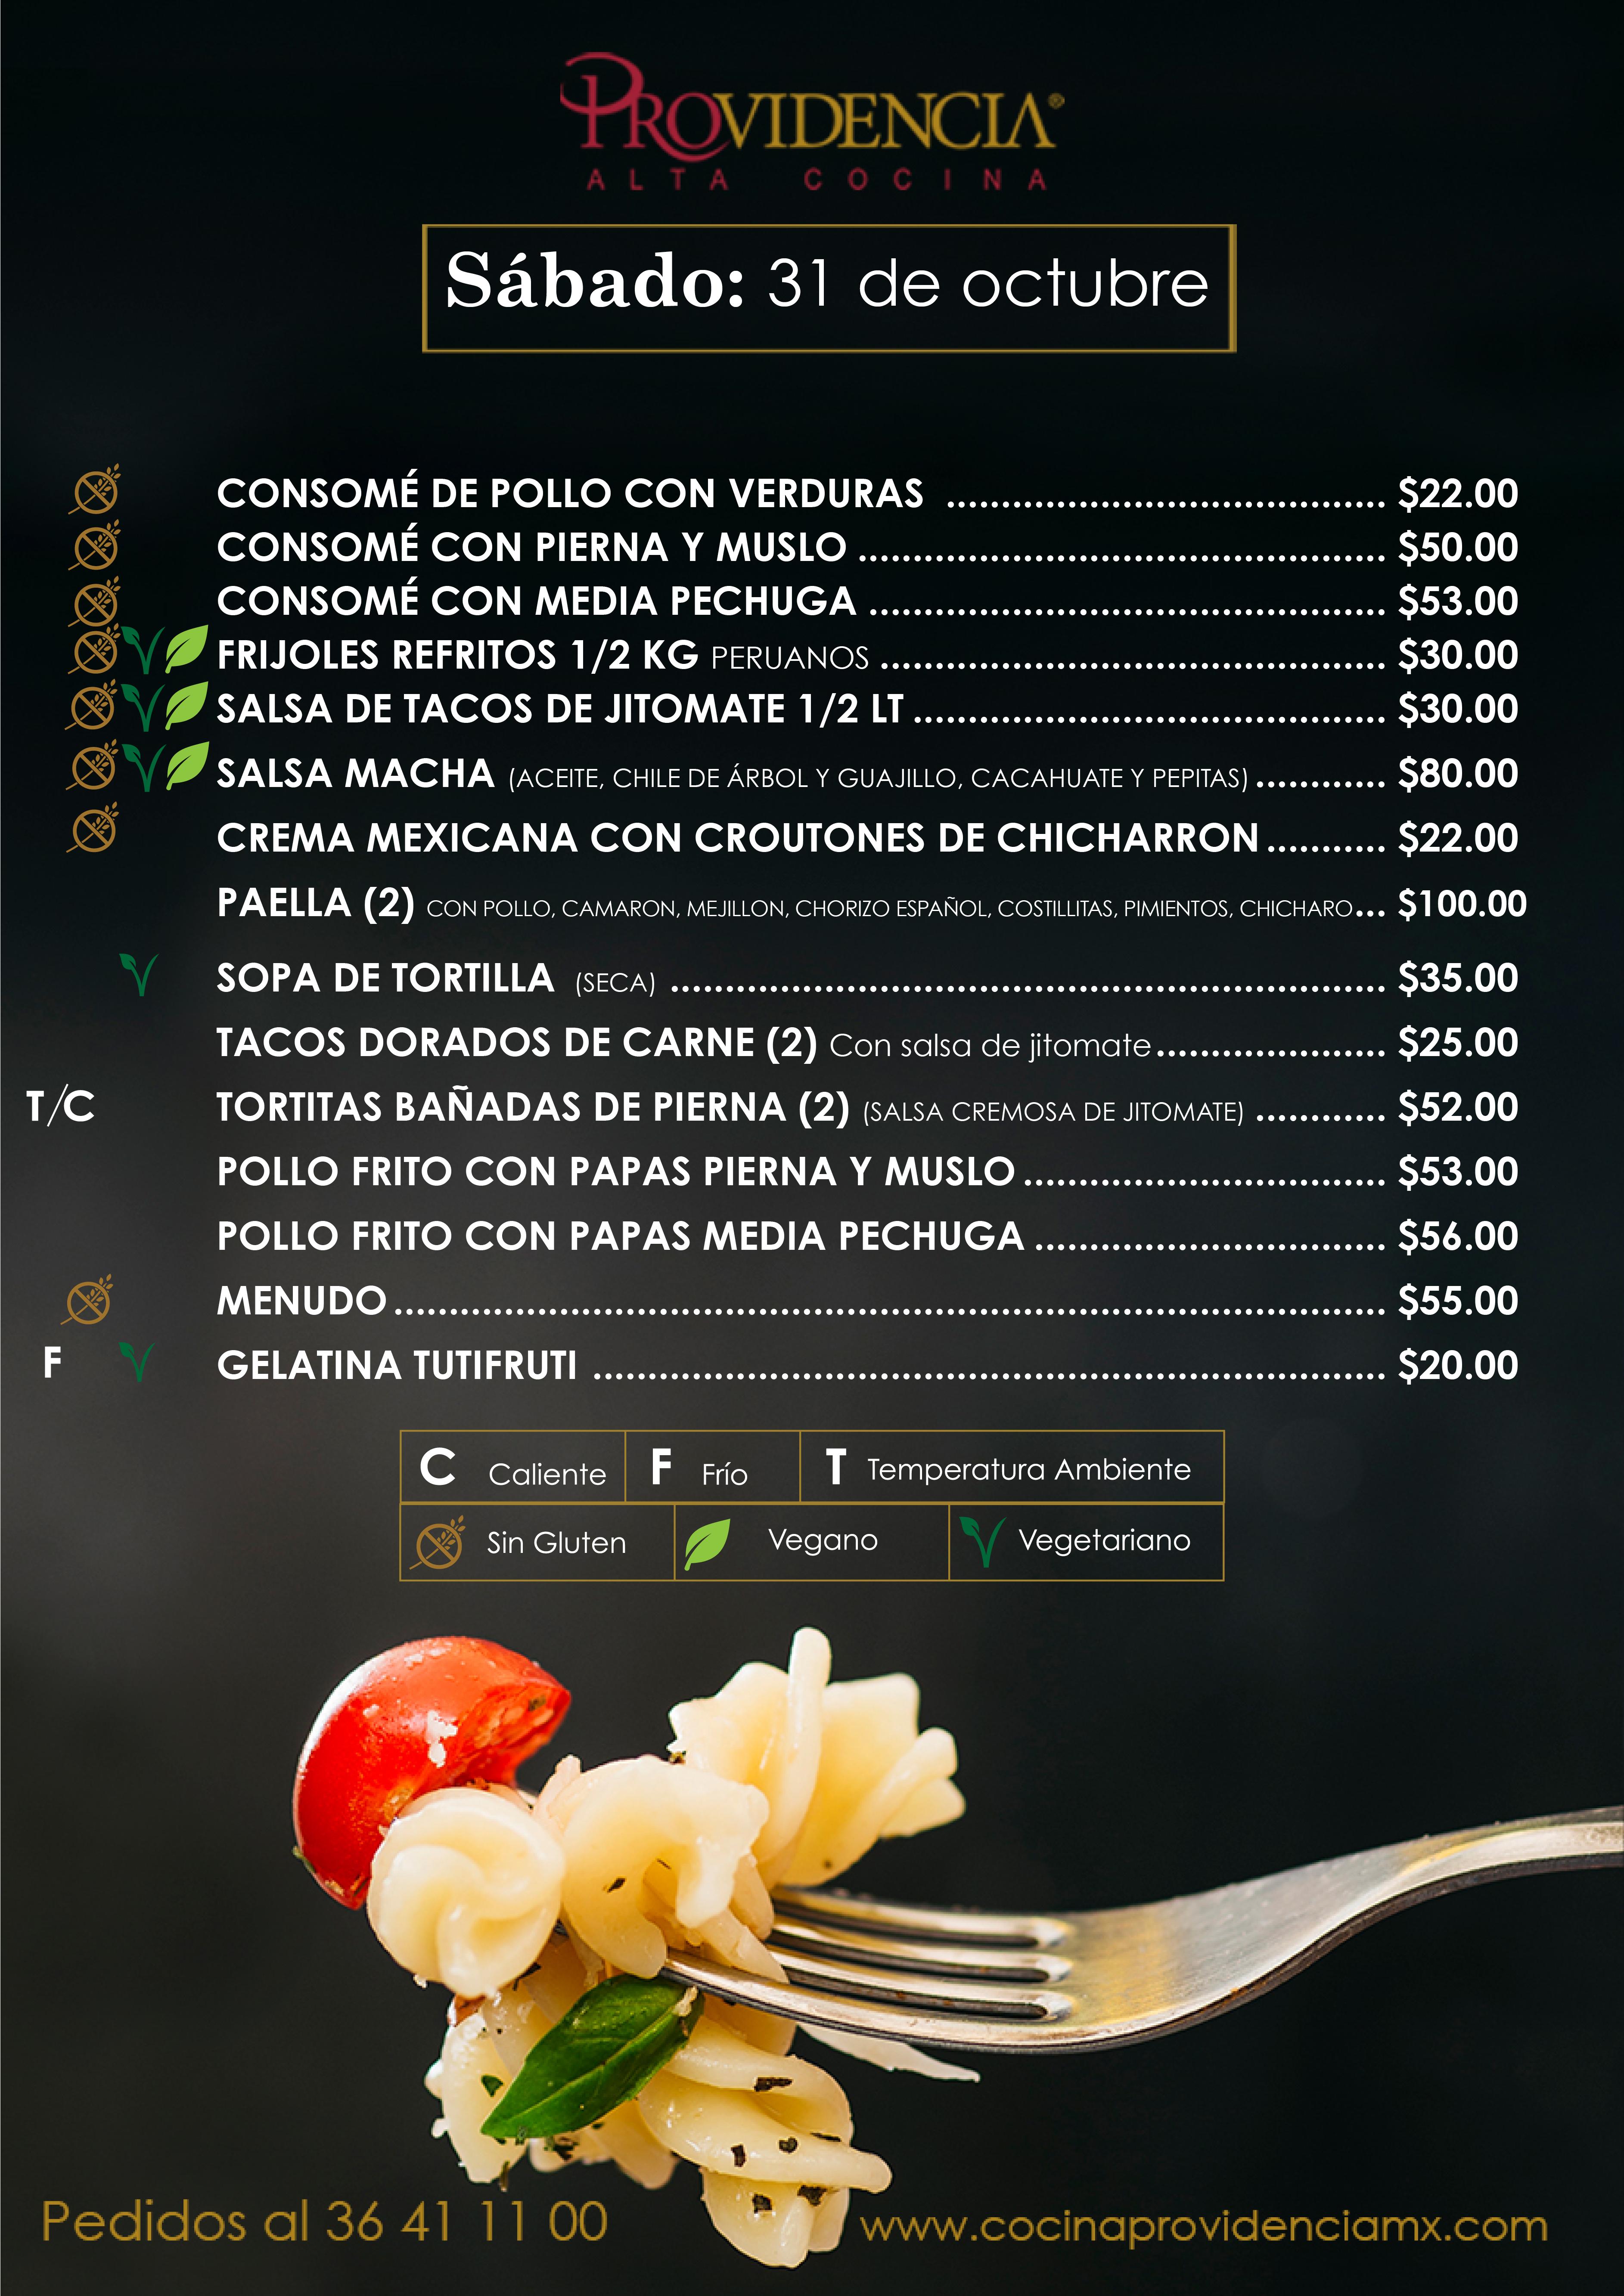 Menu-Providencia6